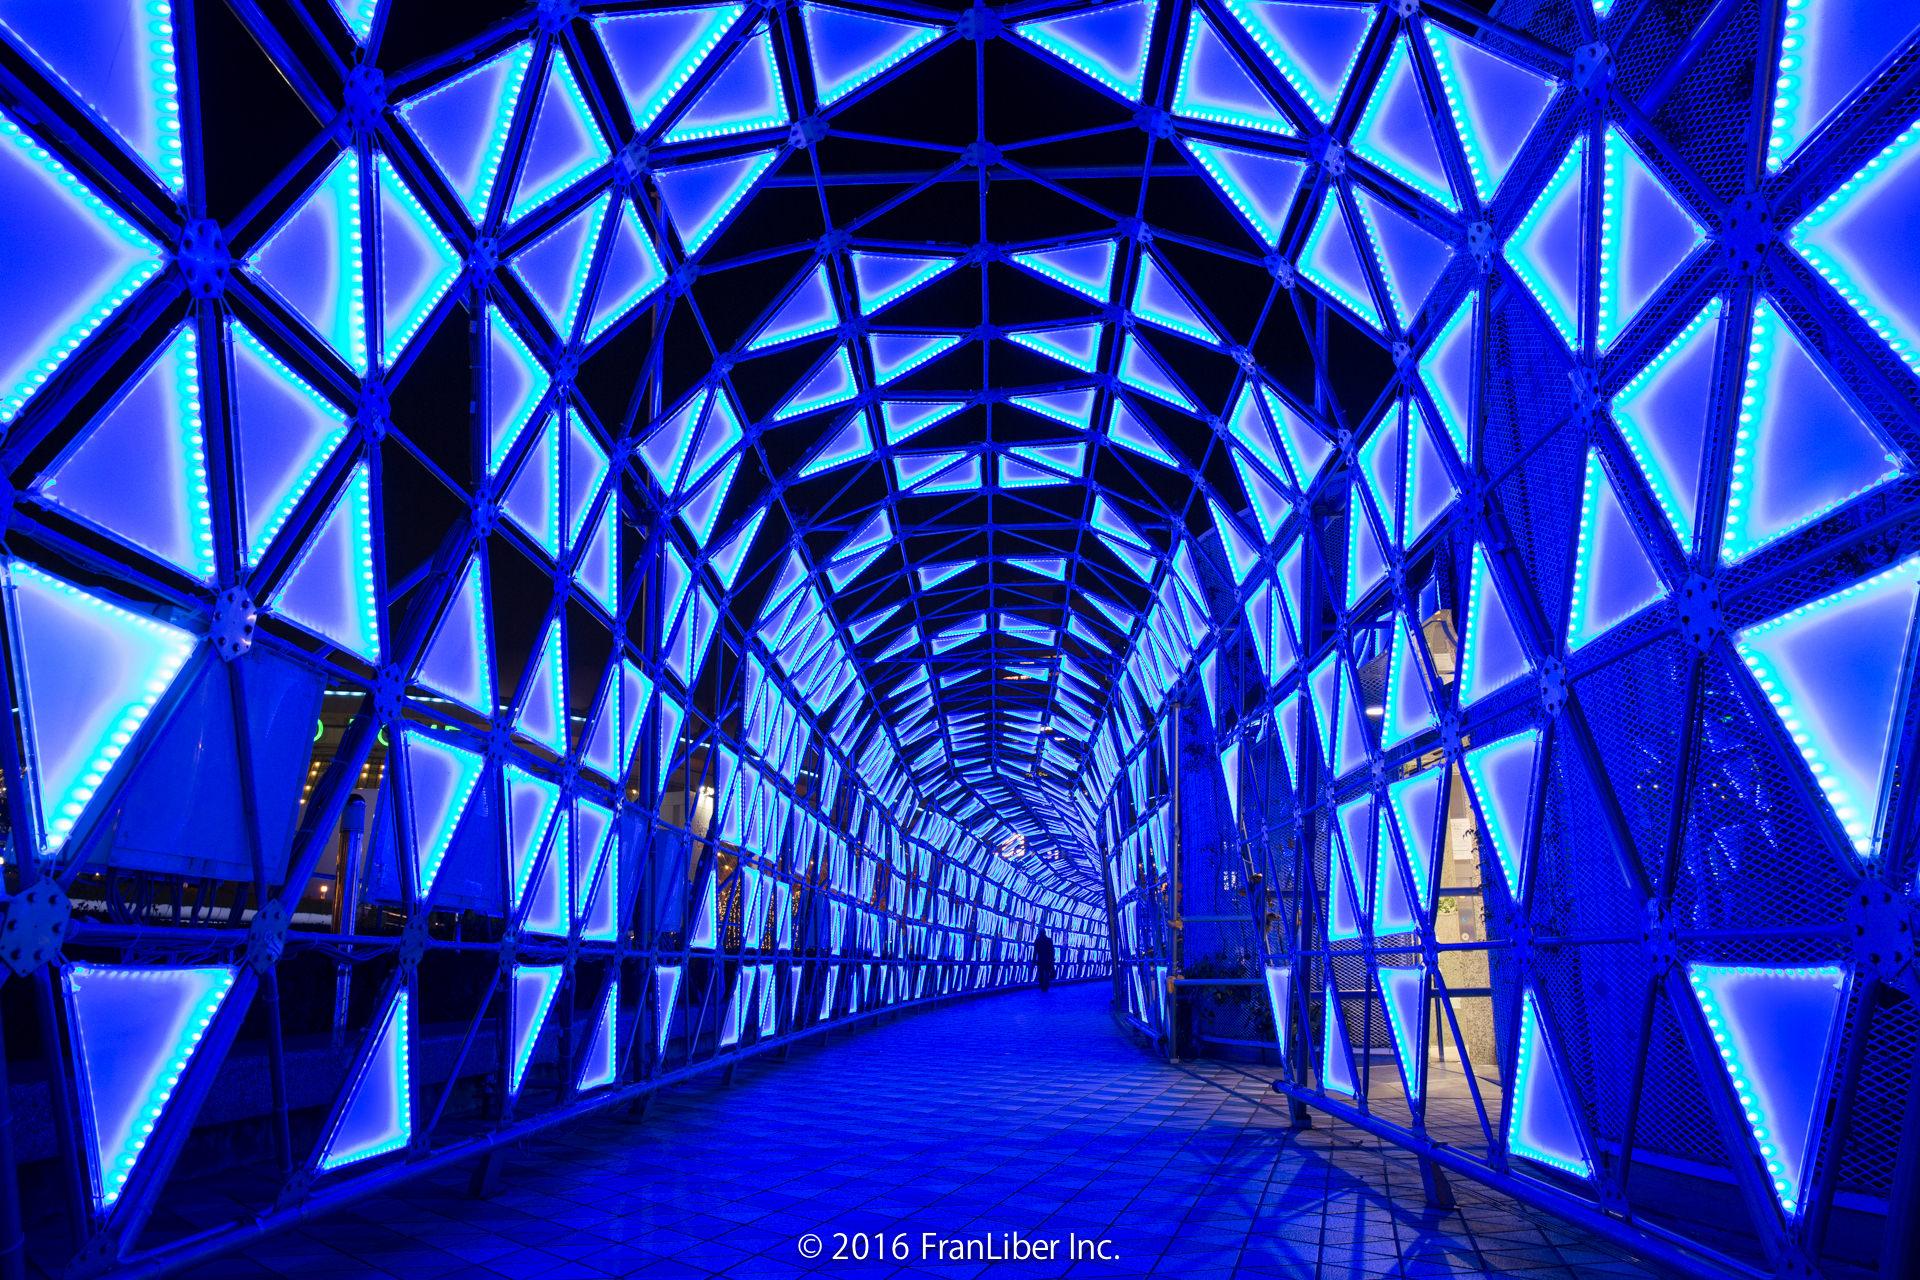 光の大トンネルを中から撮影した写真